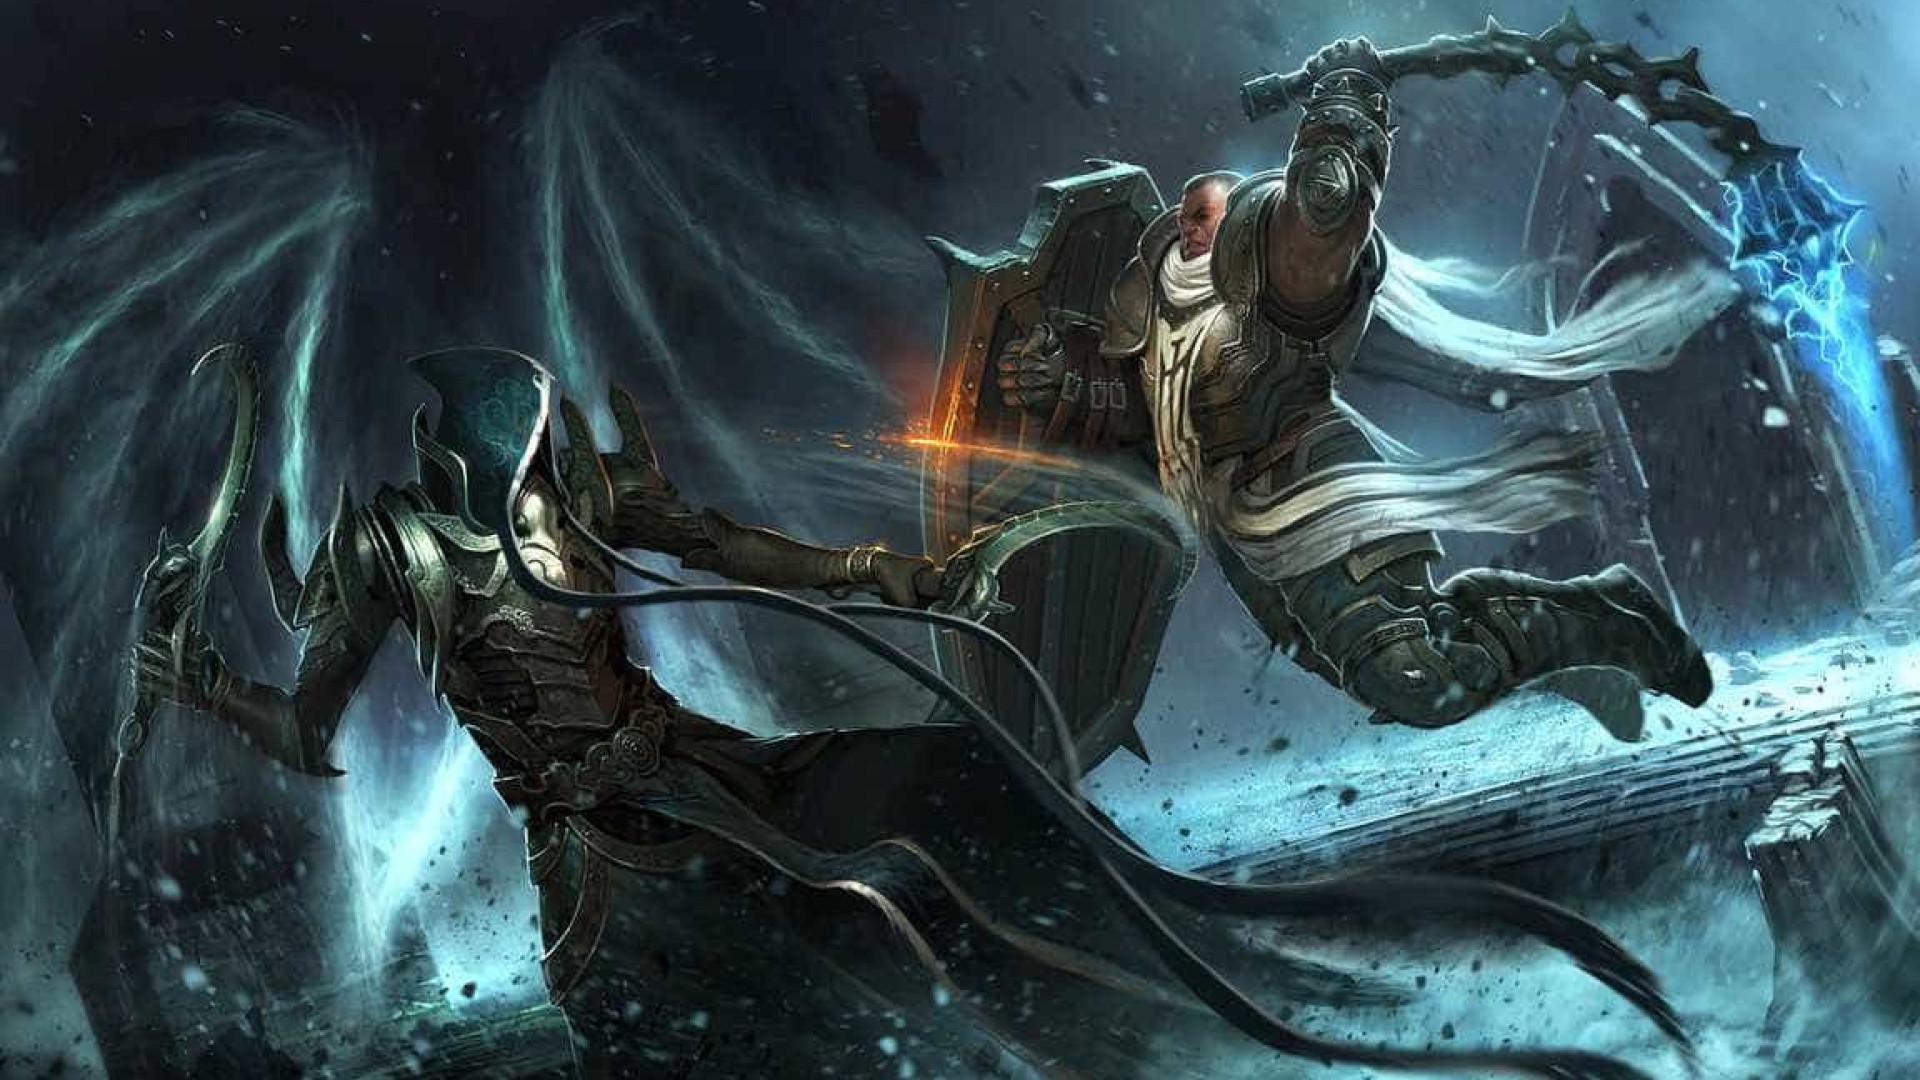 'Diablo 3' a caminho da Switch?